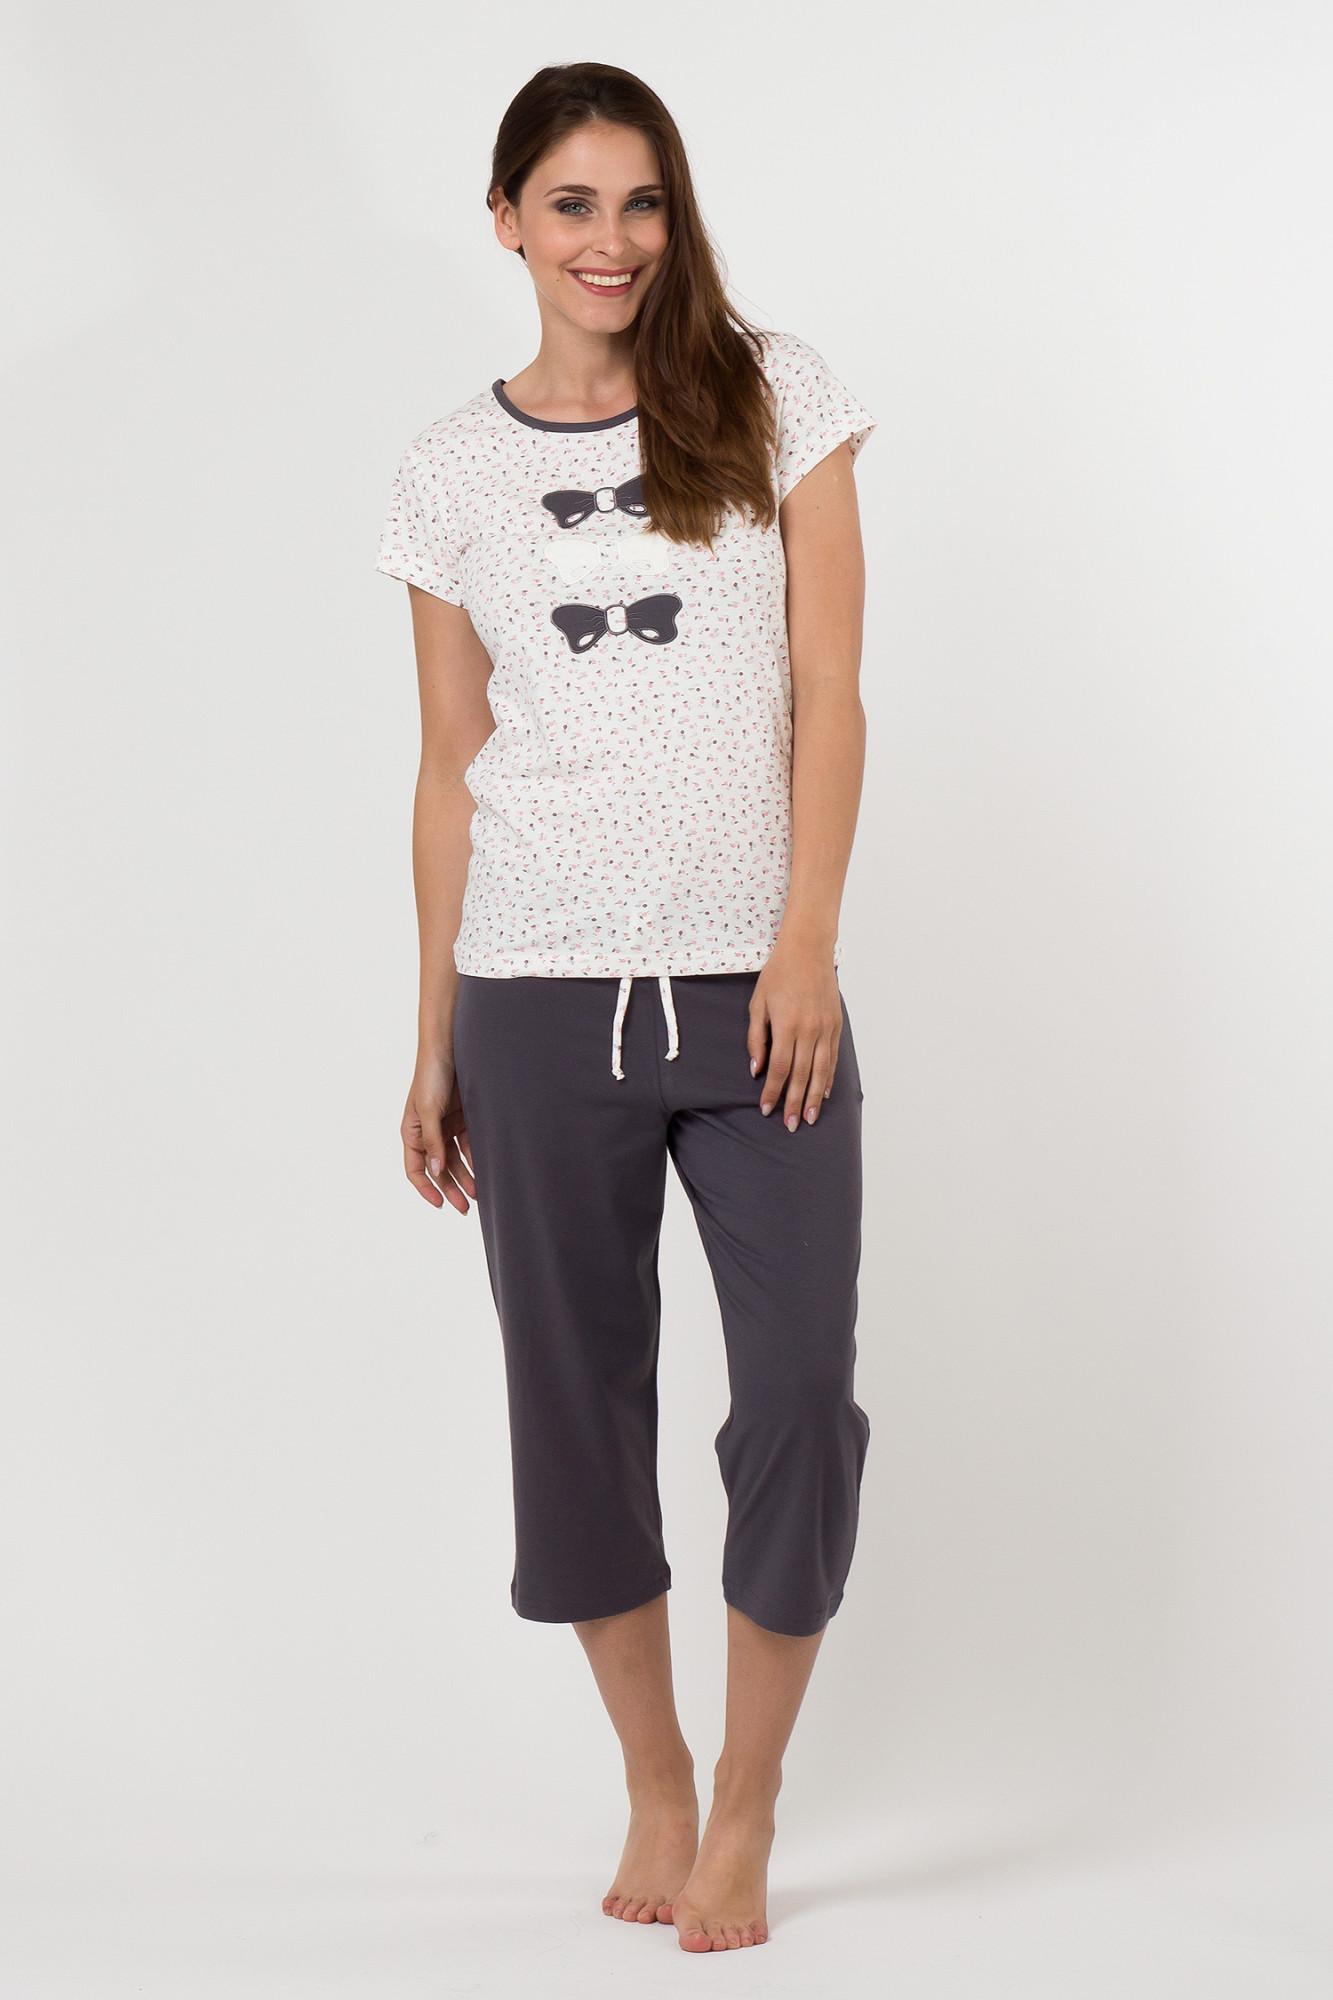 Dámské pyžamo 5013 - Cotton Candy Barva: šedá, Velikost: XL